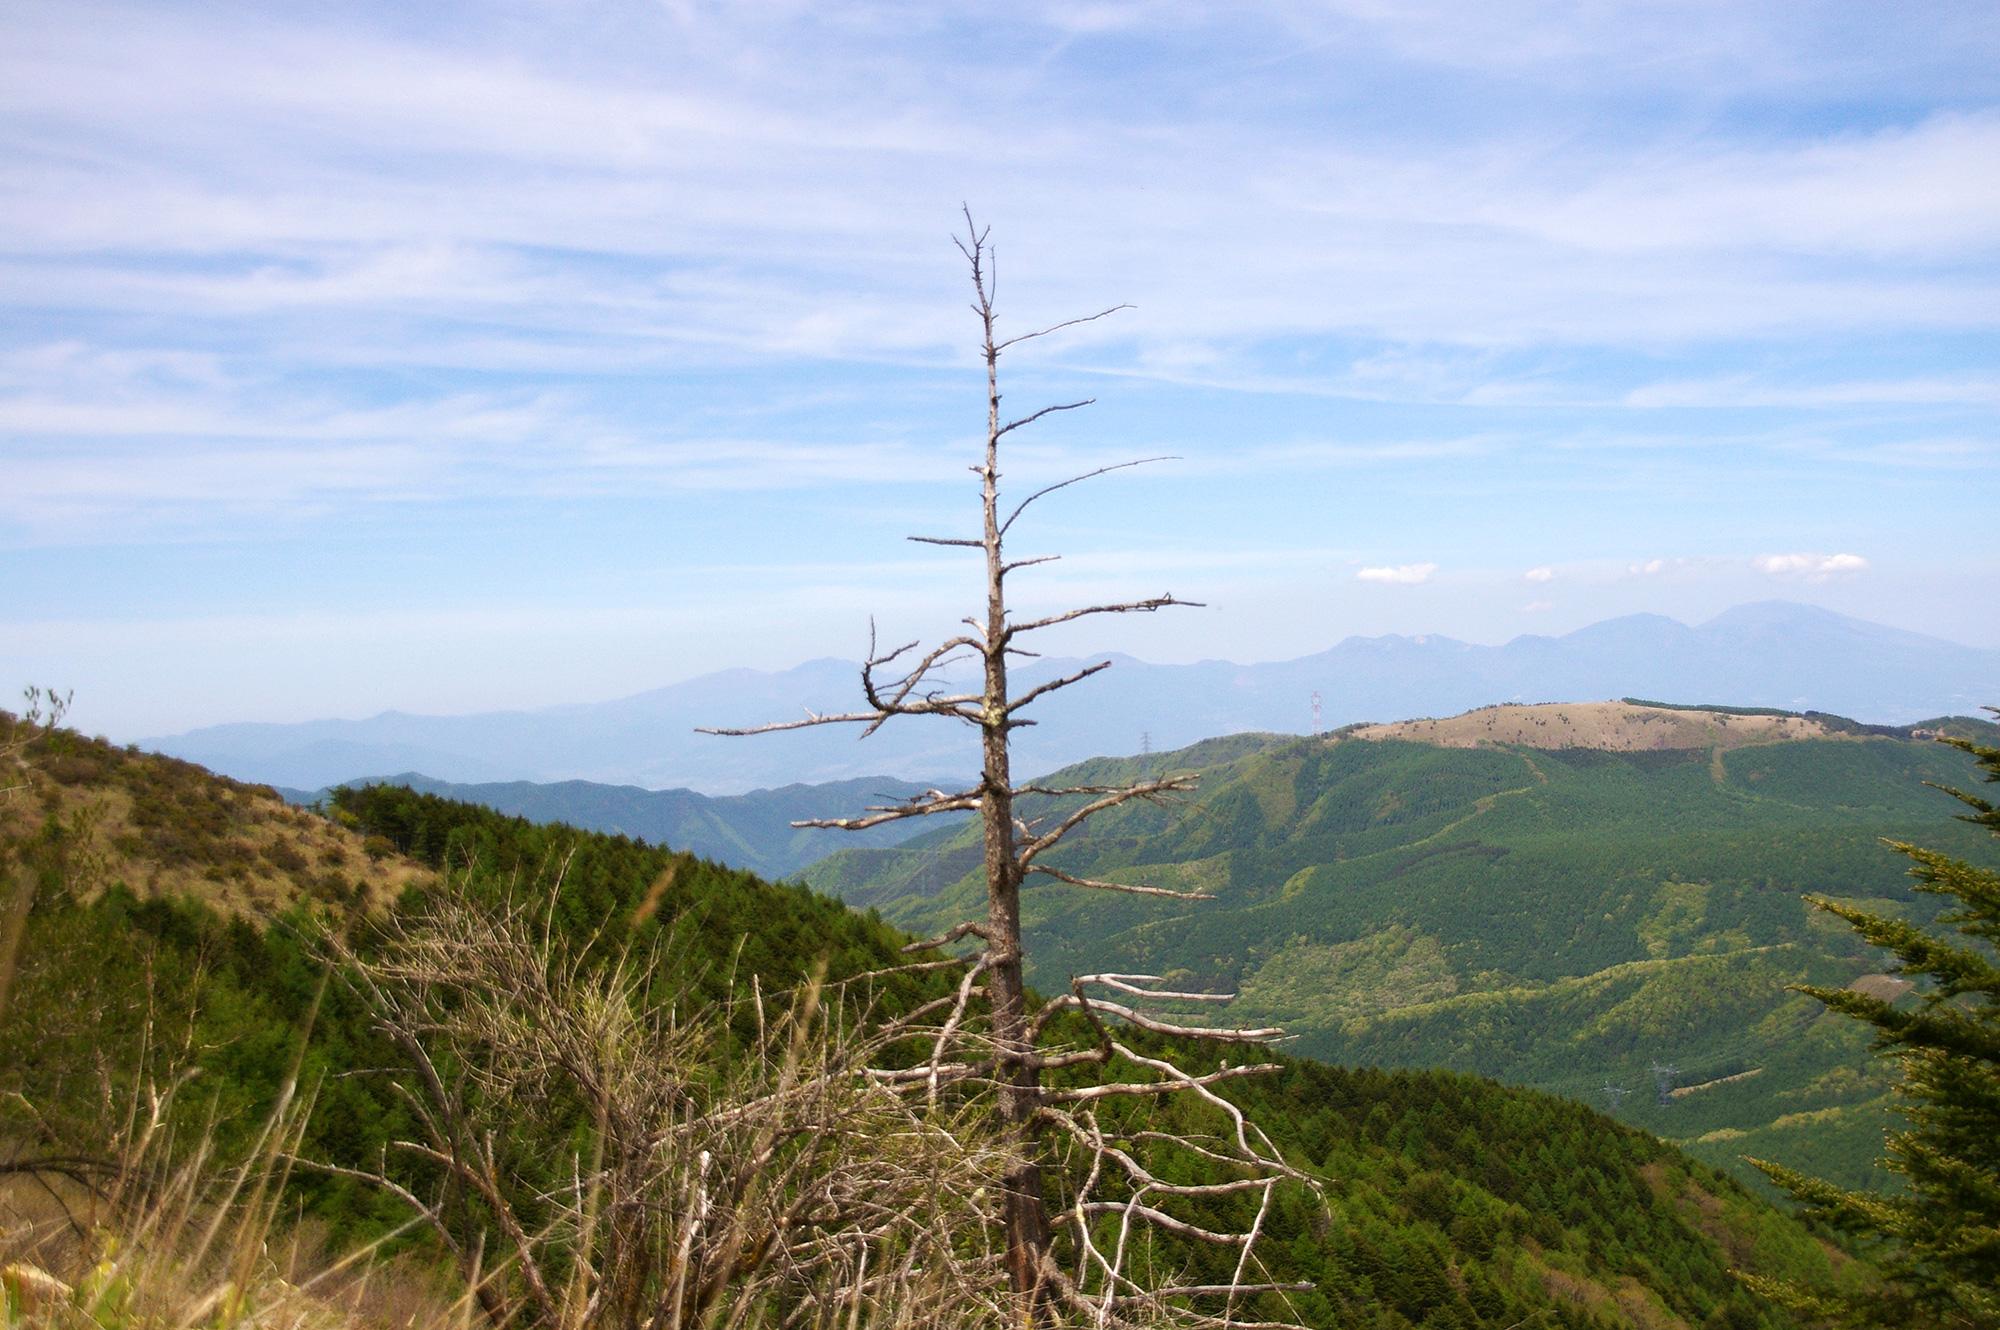 枯れ木と山々のフリー写真素材